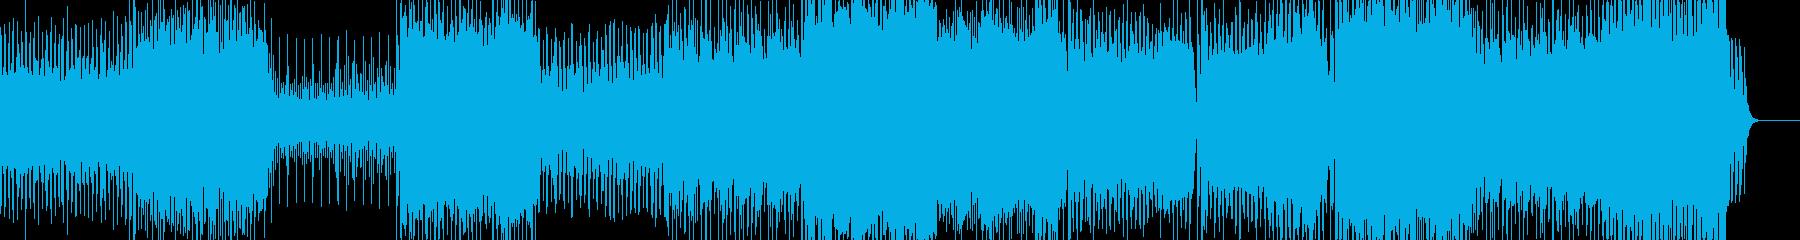 壮大で重厚なトランス -ハードの再生済みの波形